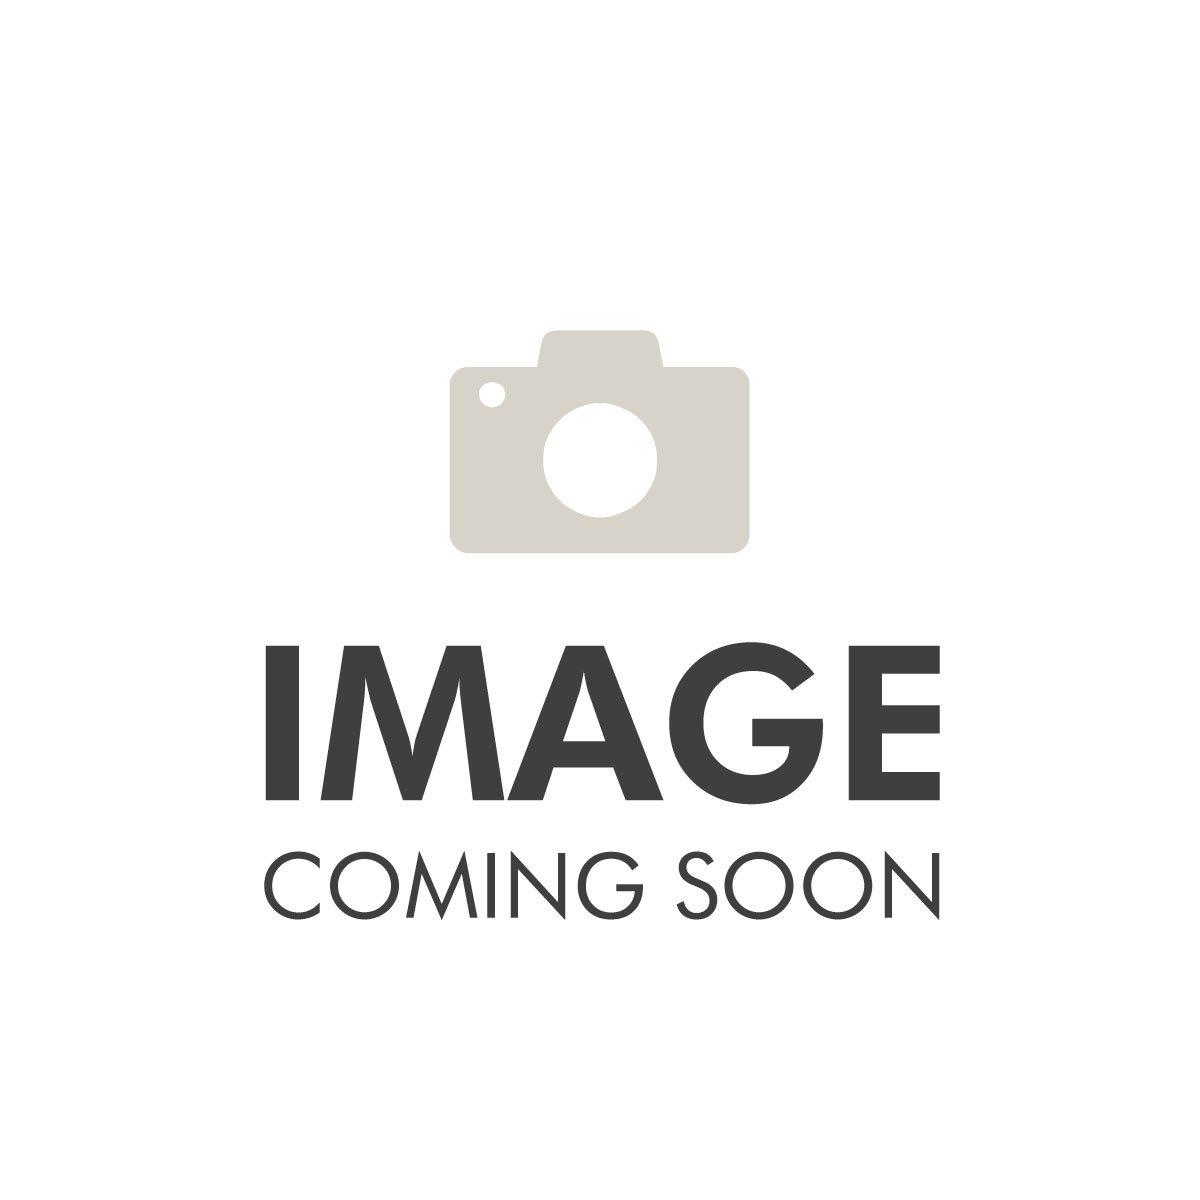 664656c86d1 Bvlgari Bvlgari Aqua Pour Homme 30ml EDT Spray - Bvlgari from Direct  Beautique UK